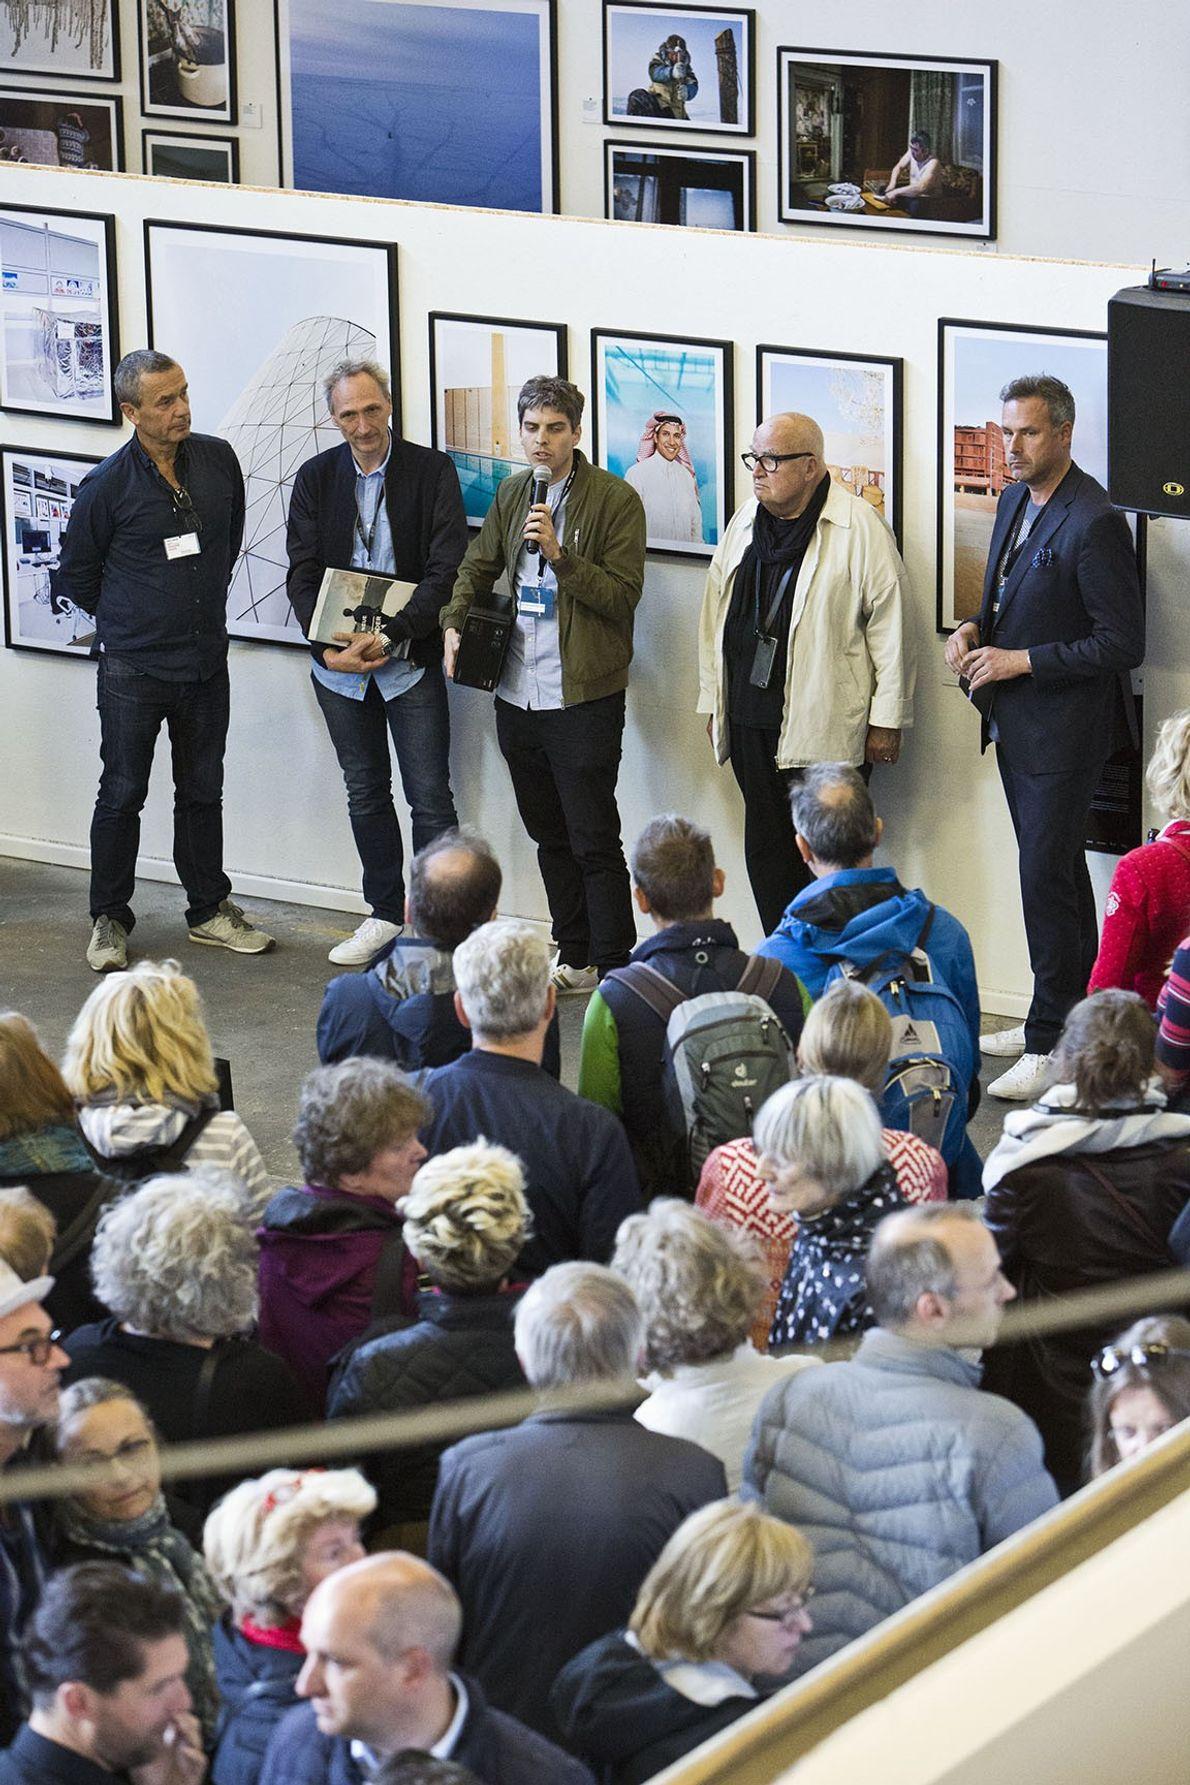 """""""Gruppenausstellung der Neue BFF-Förderpreis"""" in der Panzerhalle. Fotografen der Ausstellung sind Philipp Hannappel und Timo Jaworr, ..."""